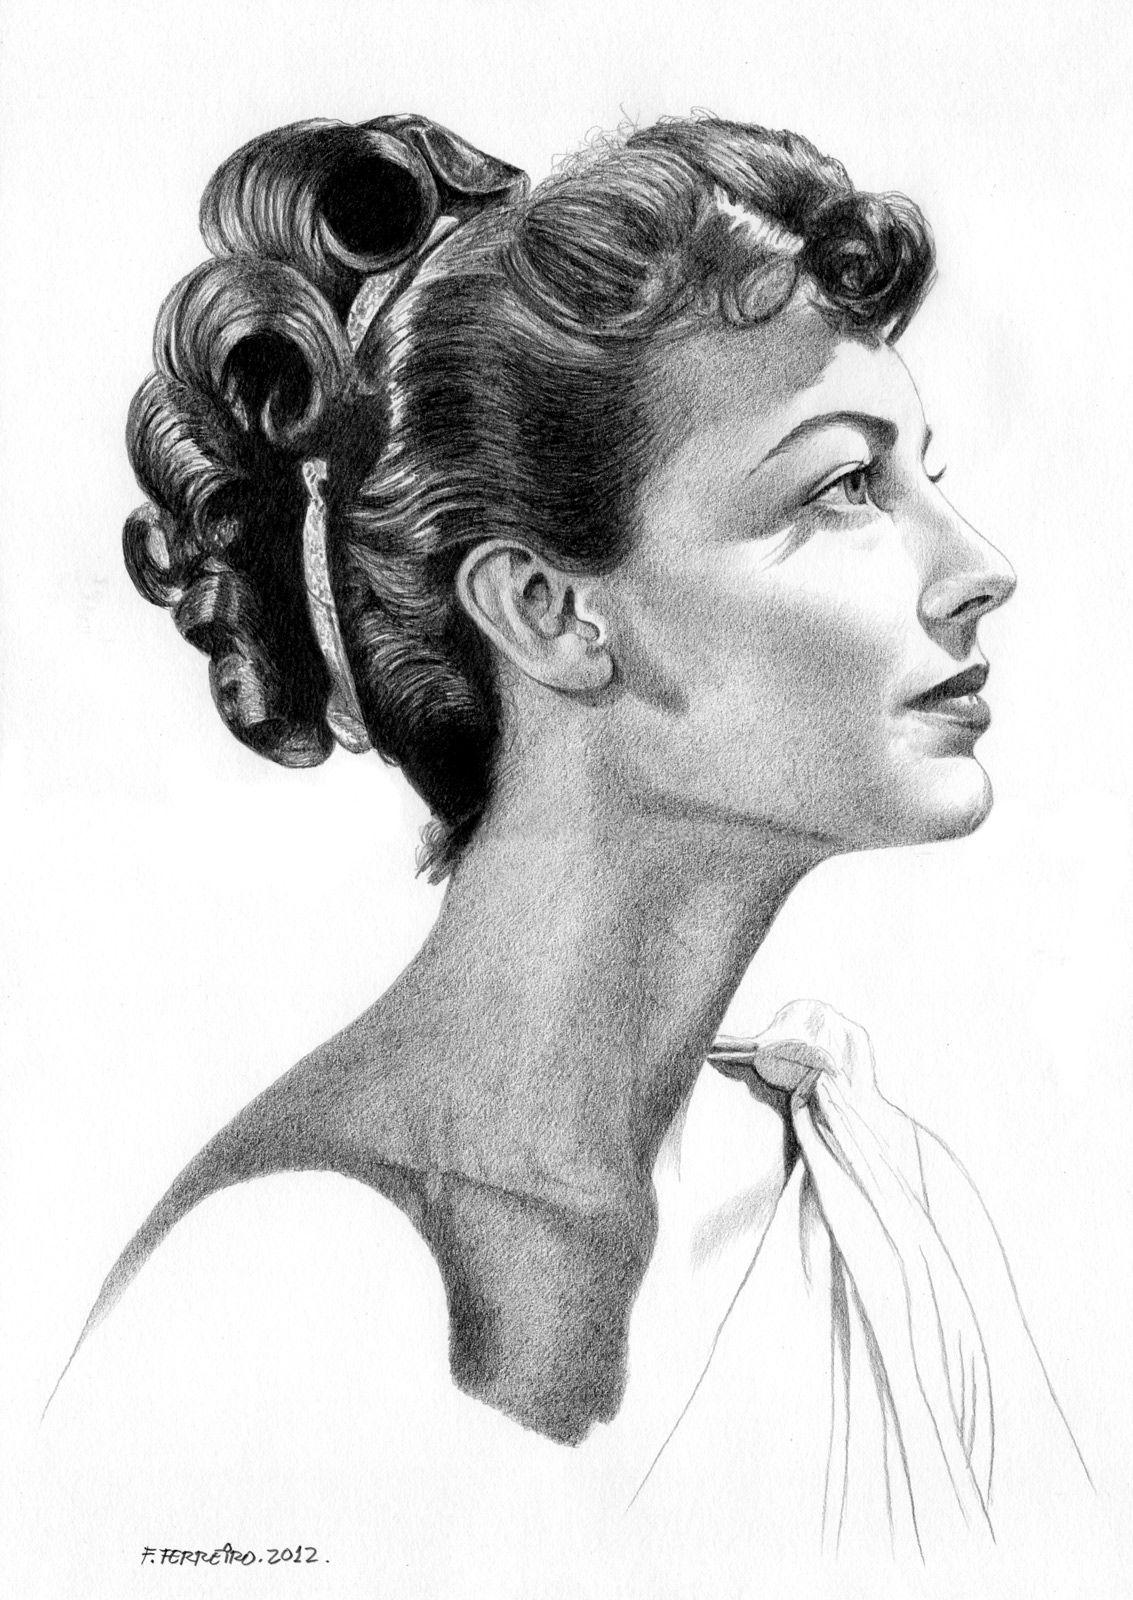 любимчики профиль портрет карандашом картинки торчащими сосками показывает